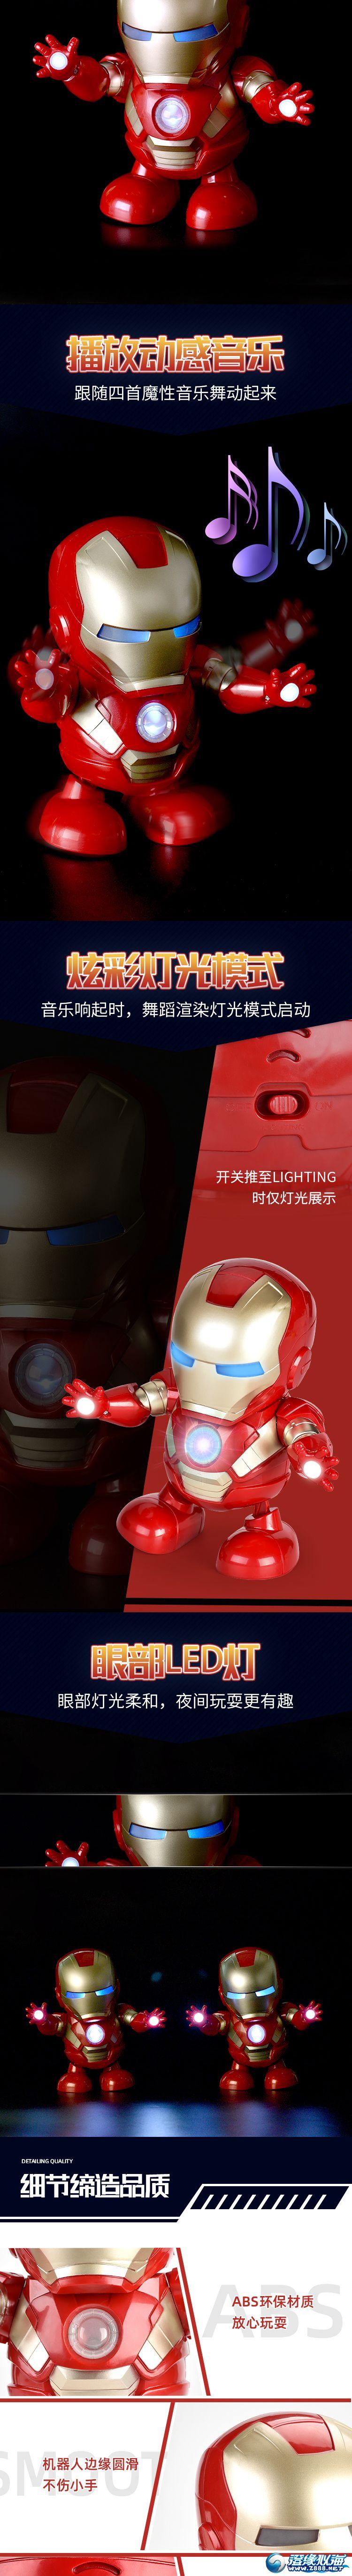 欧飞玩具厂-718-机器人-中文详情页_02.jpg